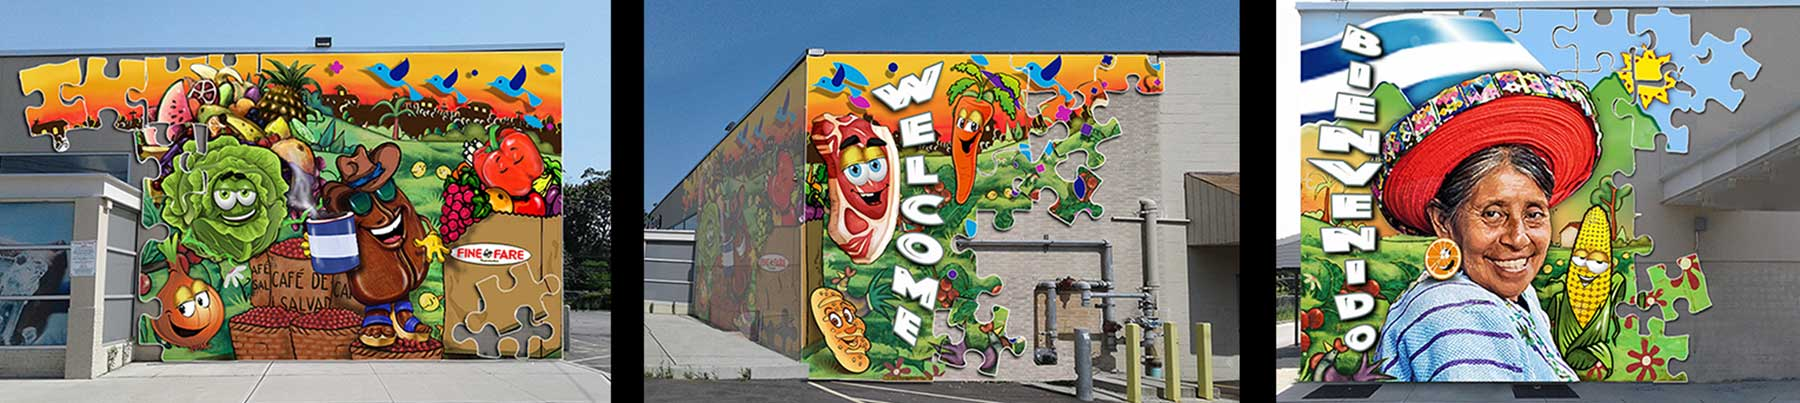 Ron Rundo / Mural / Commission / Fine Fair, NY